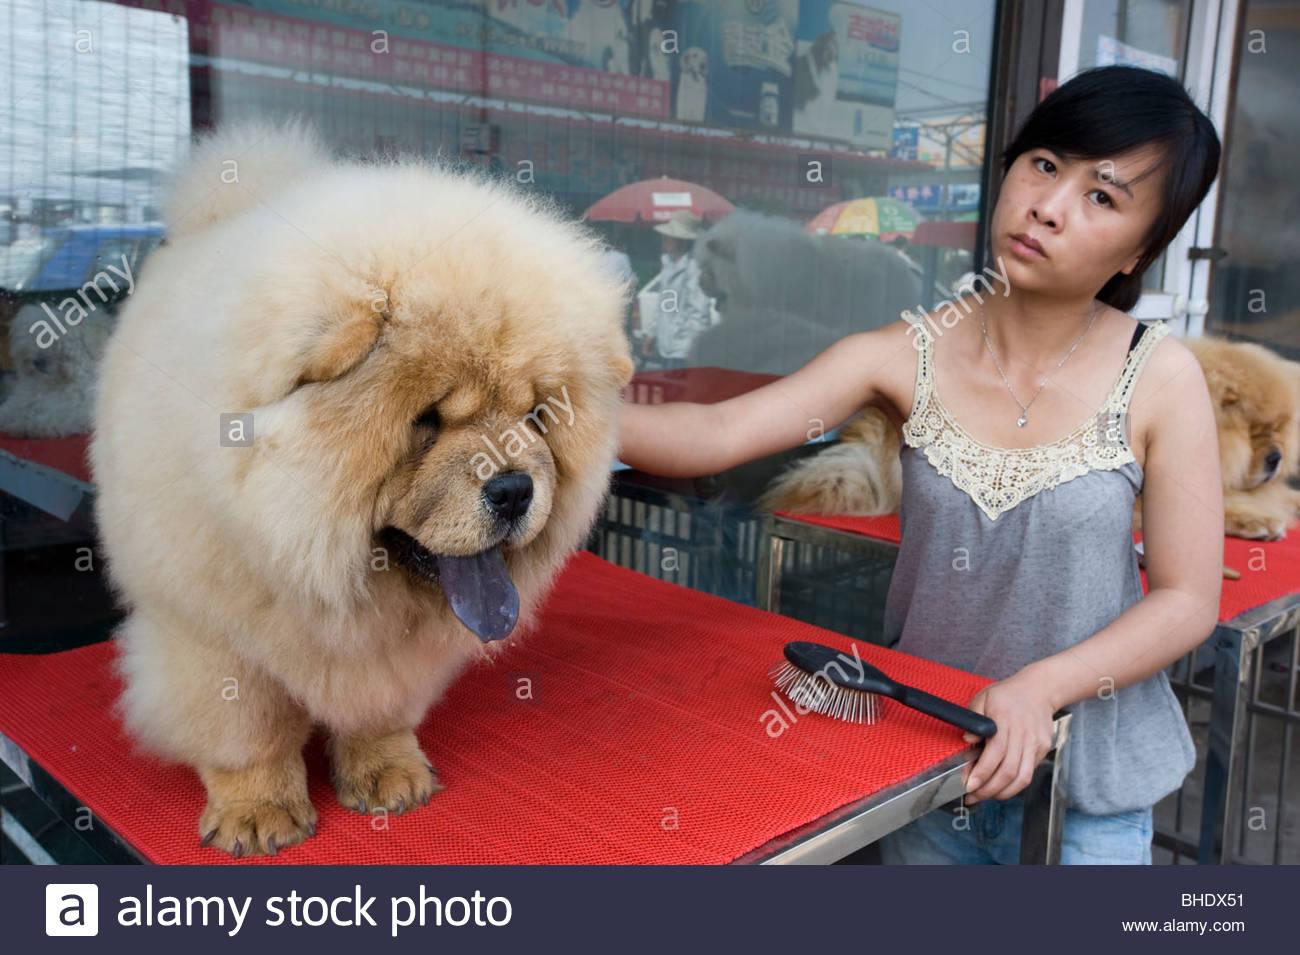 Un Chowchow essendo curato alla 'DONGS Feng Xin' mercato del cane. Pechino, Cina Immagini Stock